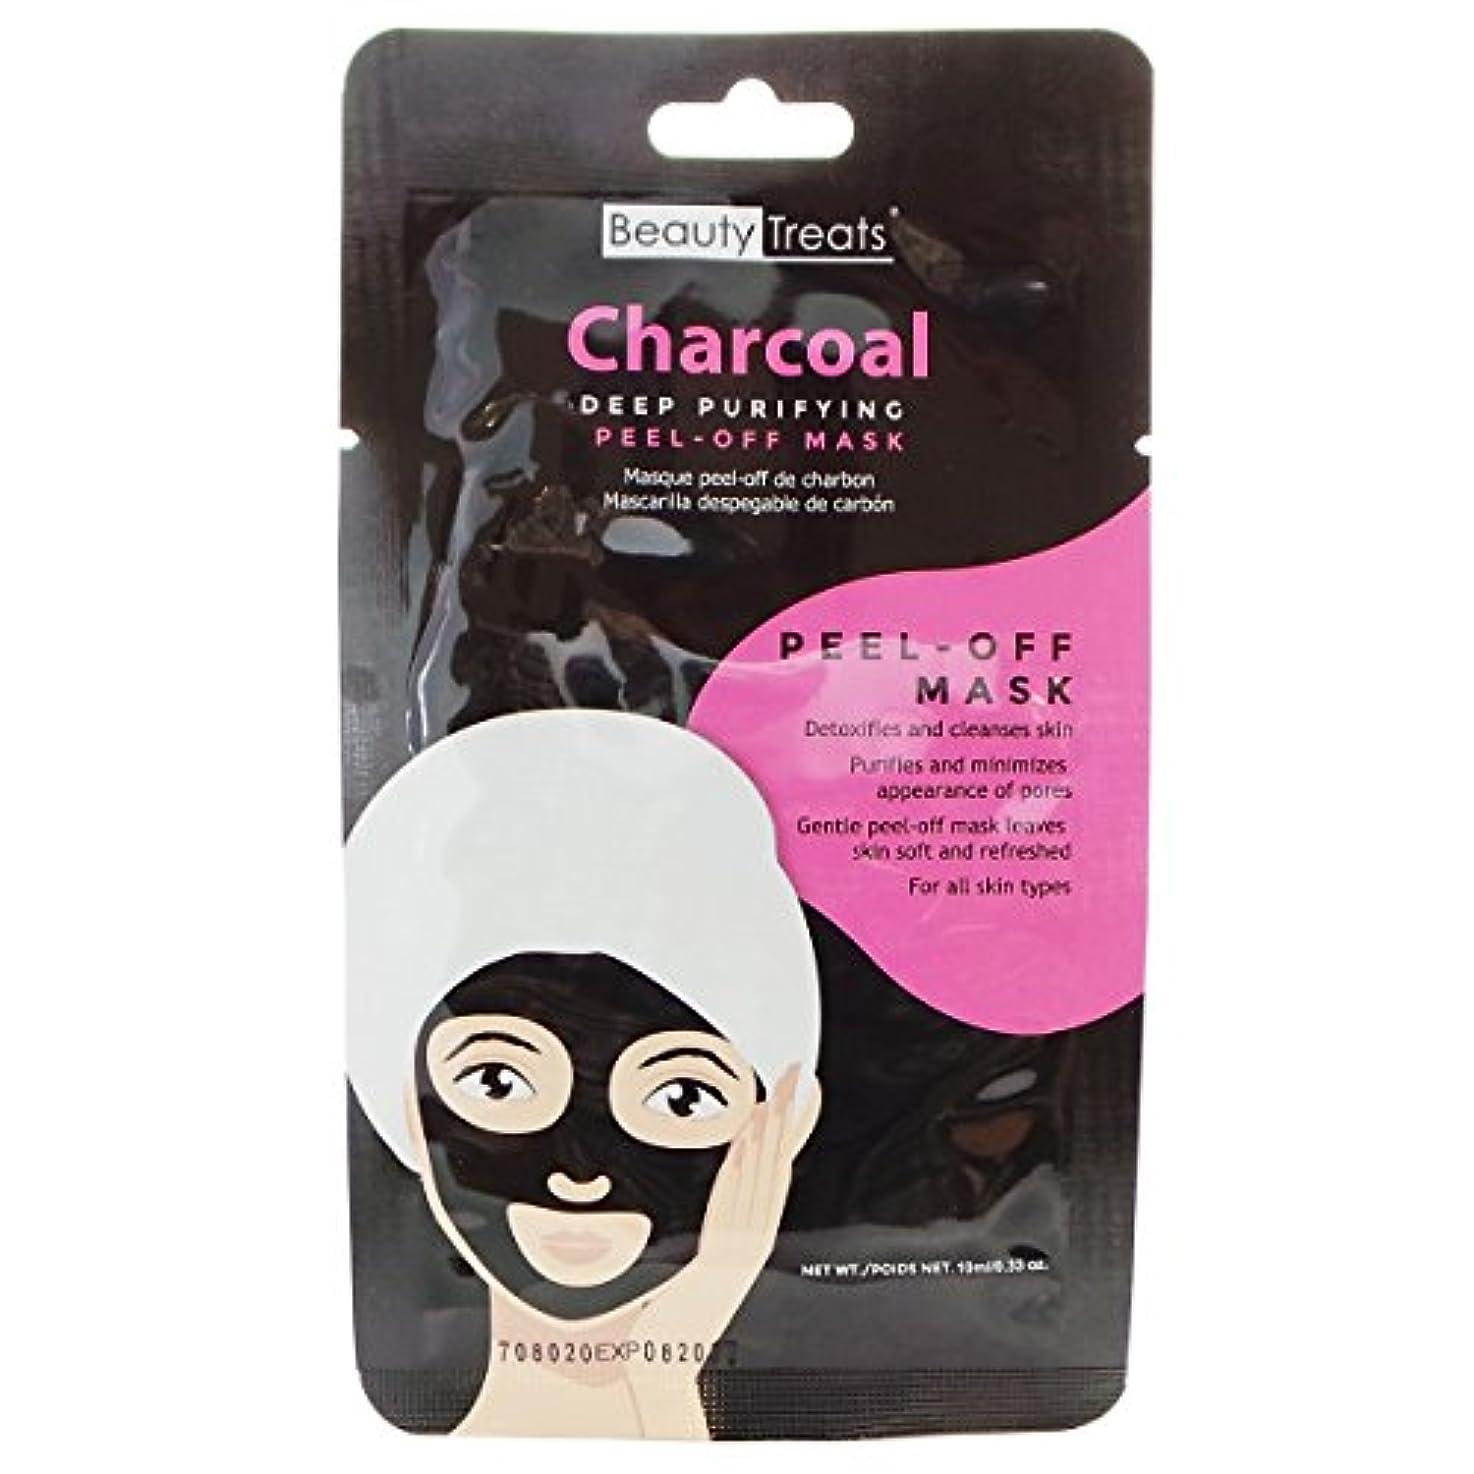 提案する鋭く思いやりのあるBEAUTY TREATS Deep Purifying Peel-Off Charcoal Mask (並行輸入品)